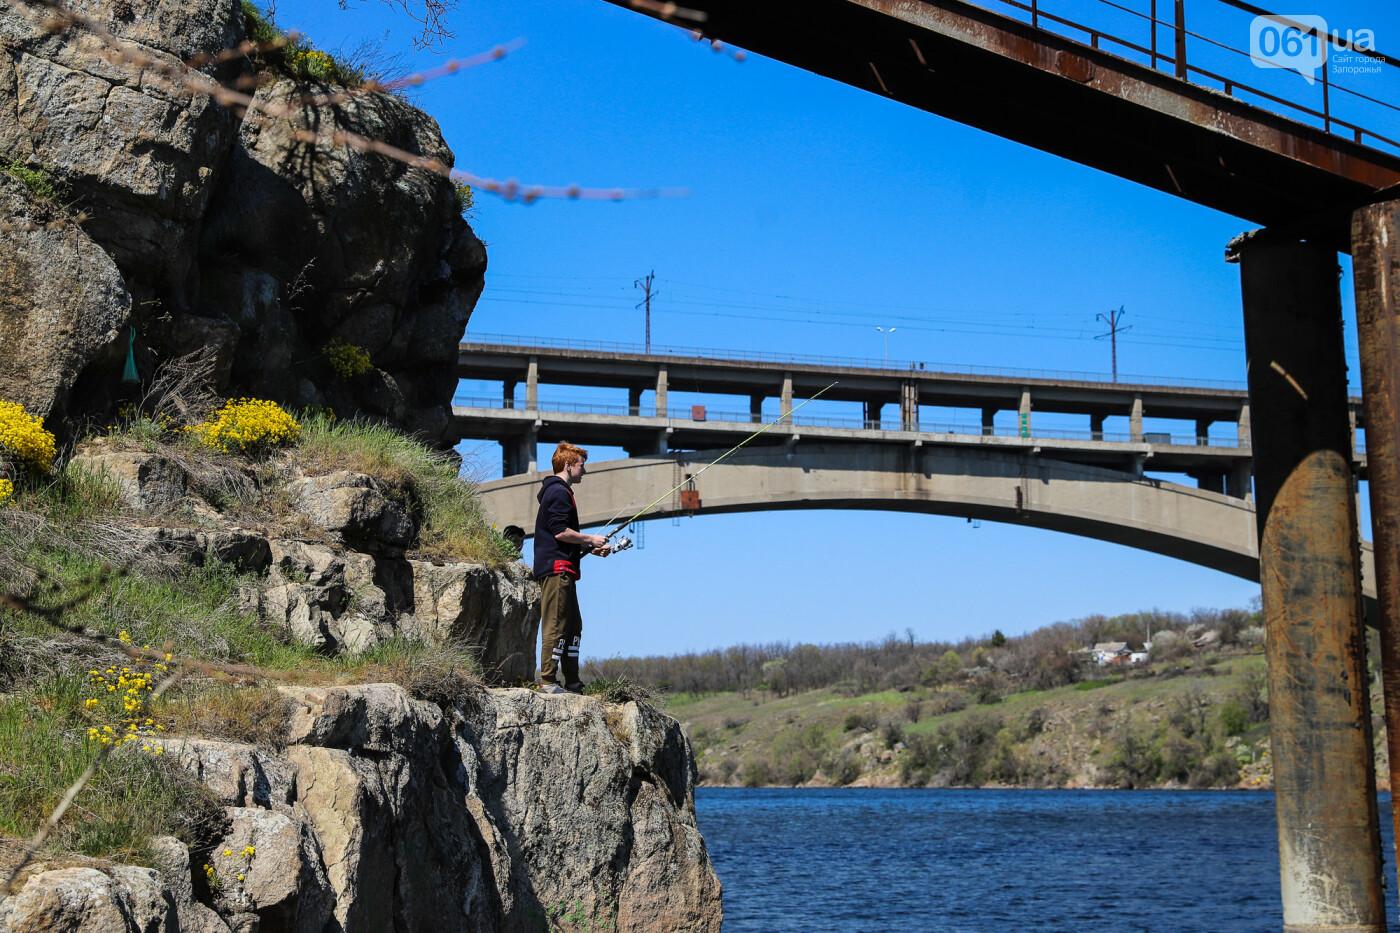 На запорожские мосты выделено 2,7 миллиарда: что сейчас проиходит стройплощадке, - ФОТОРЕПОРТАЖ, фото-41